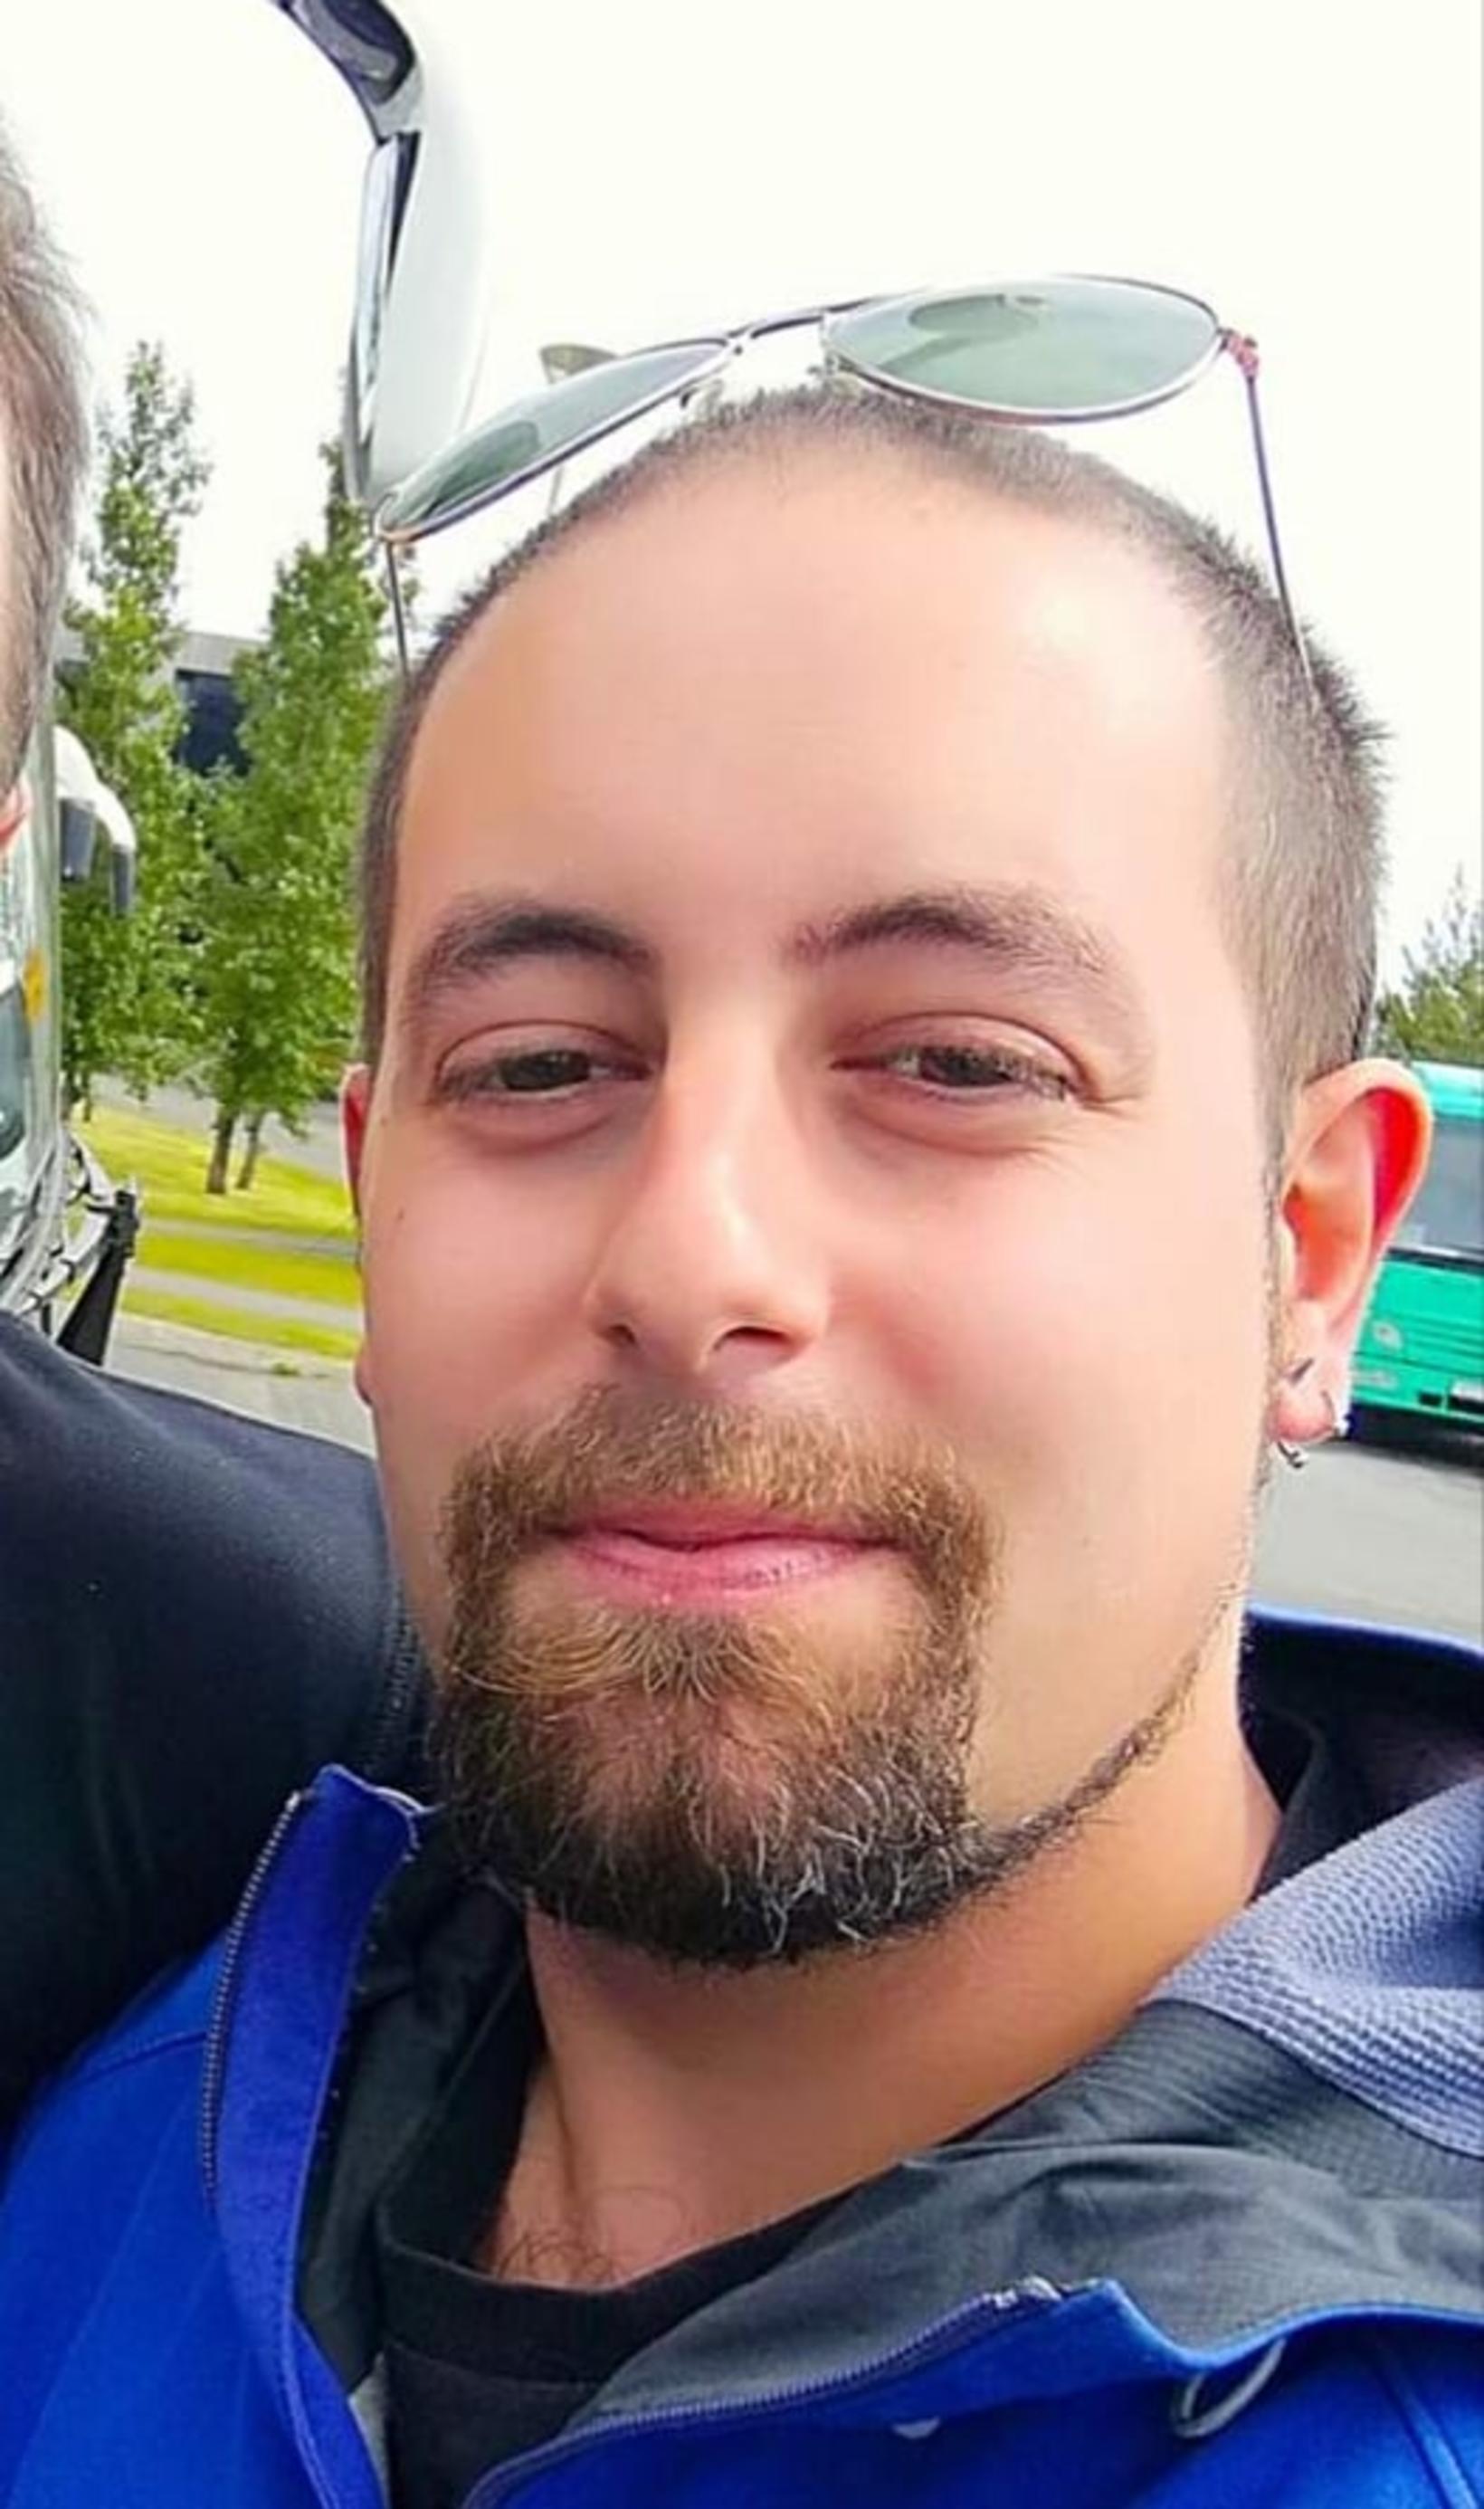 Marco Di Marco hefur búið á Íslandi síðan árið 2018.